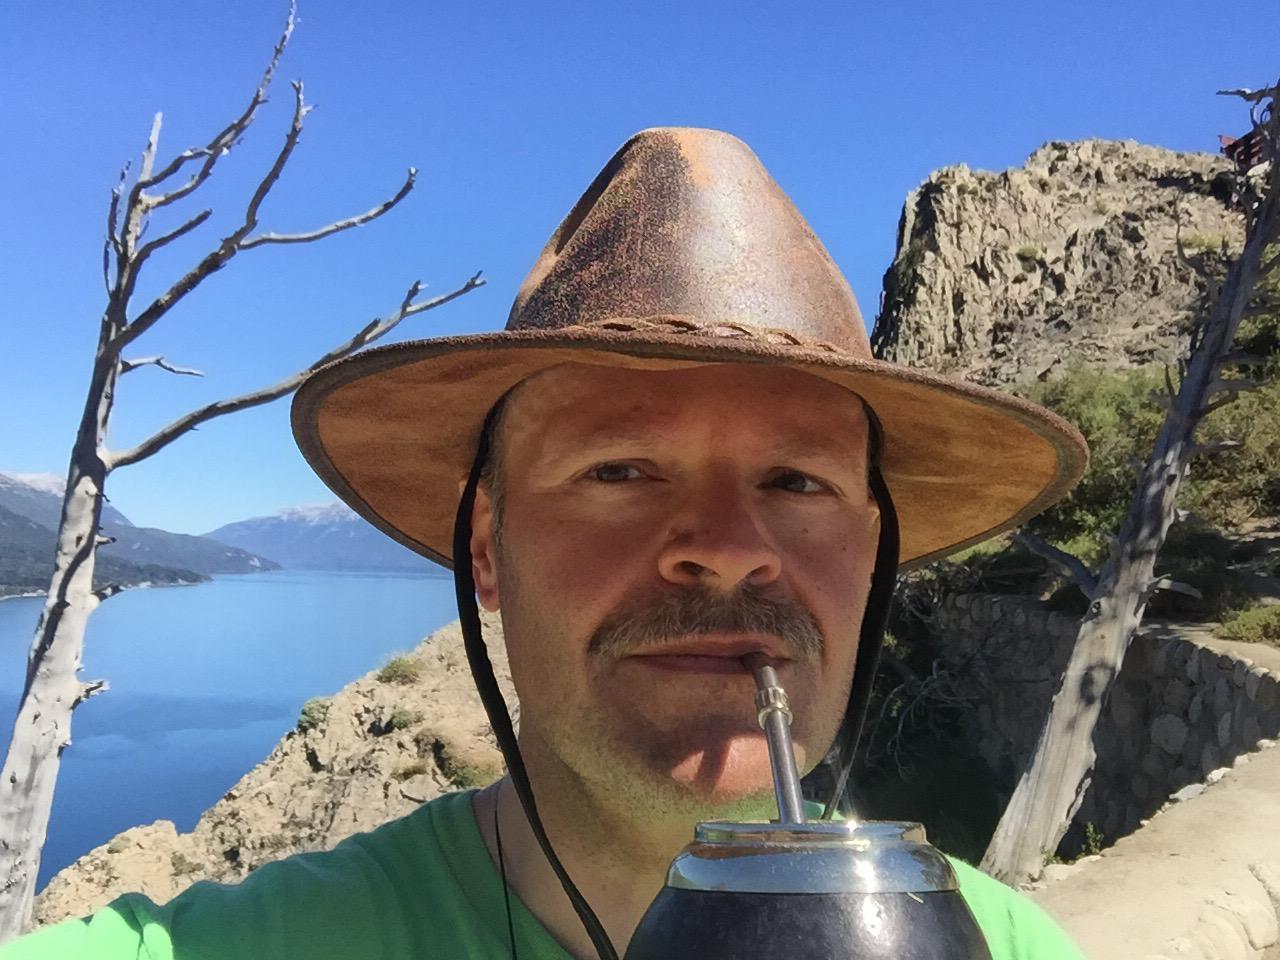 Herbie beim Mate trinken am Lago Traful